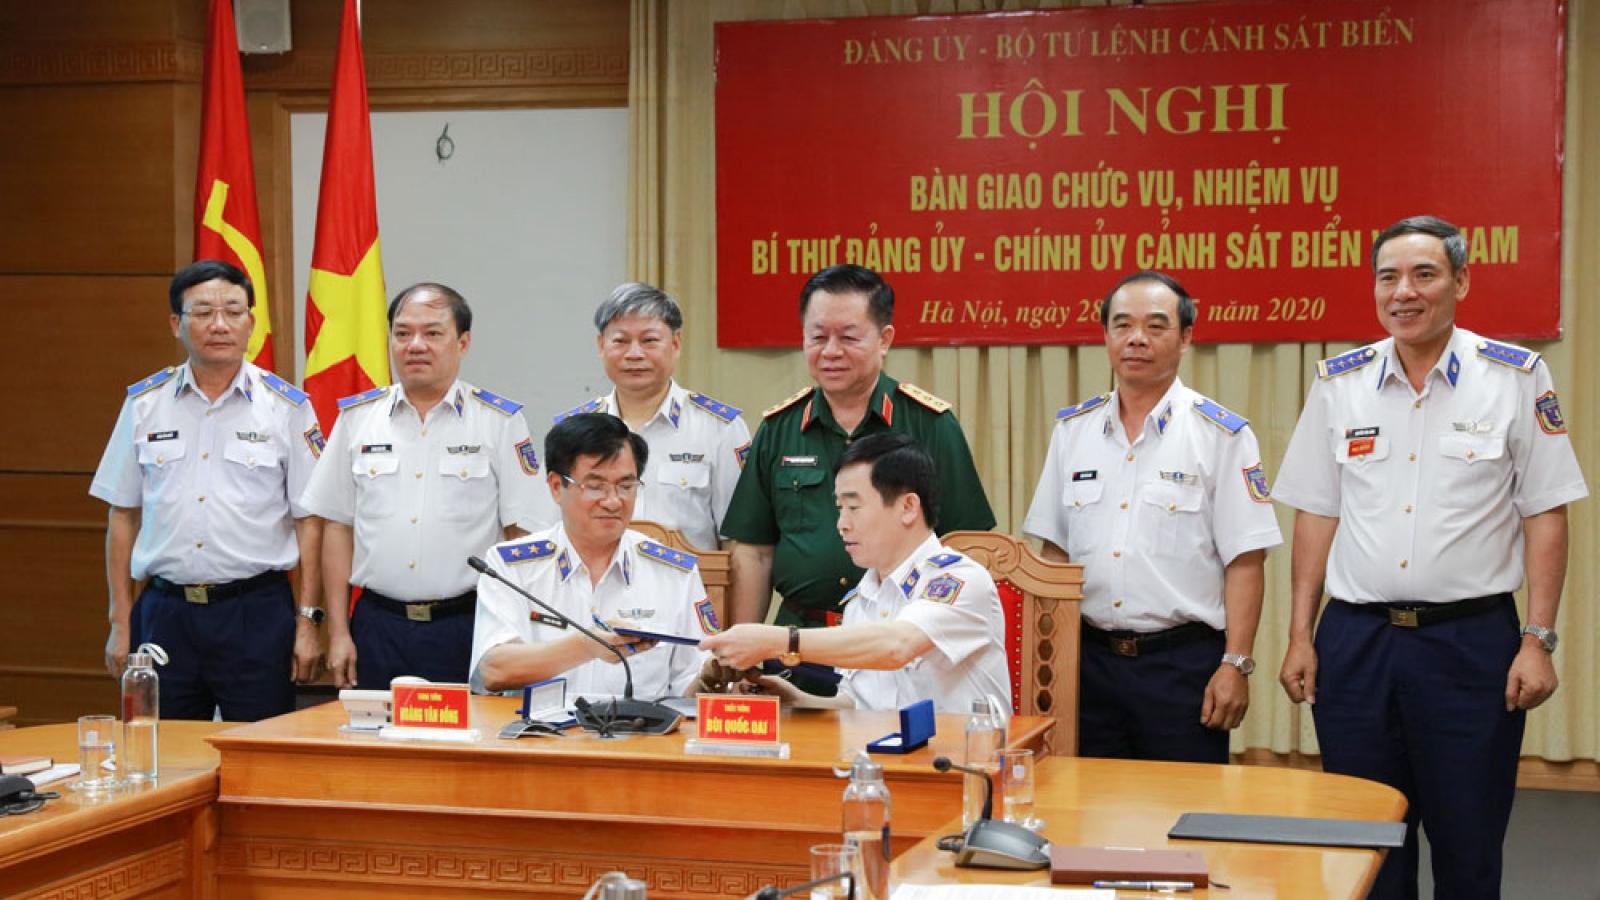 Bàn giao chức vụ, nhiệm vụ Chính ủy Cảnh sát biển